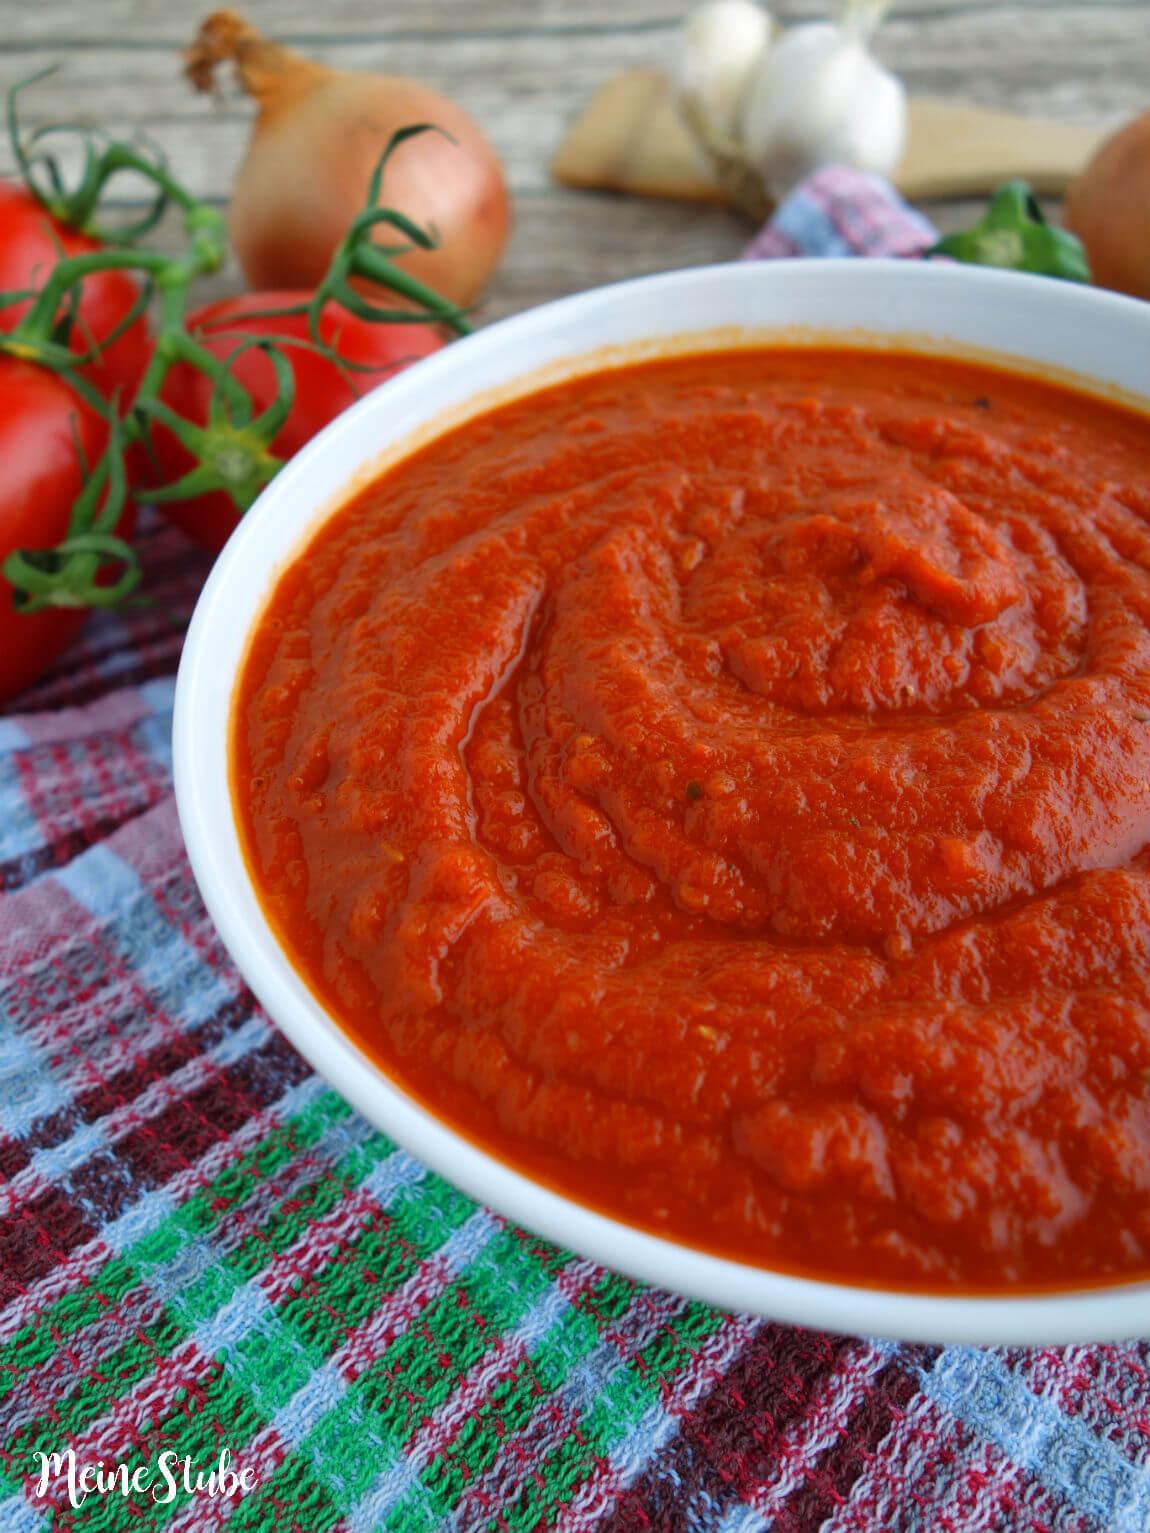 Selbst gemacht Pizzasauce mit frischen Tomaten - Meinestube